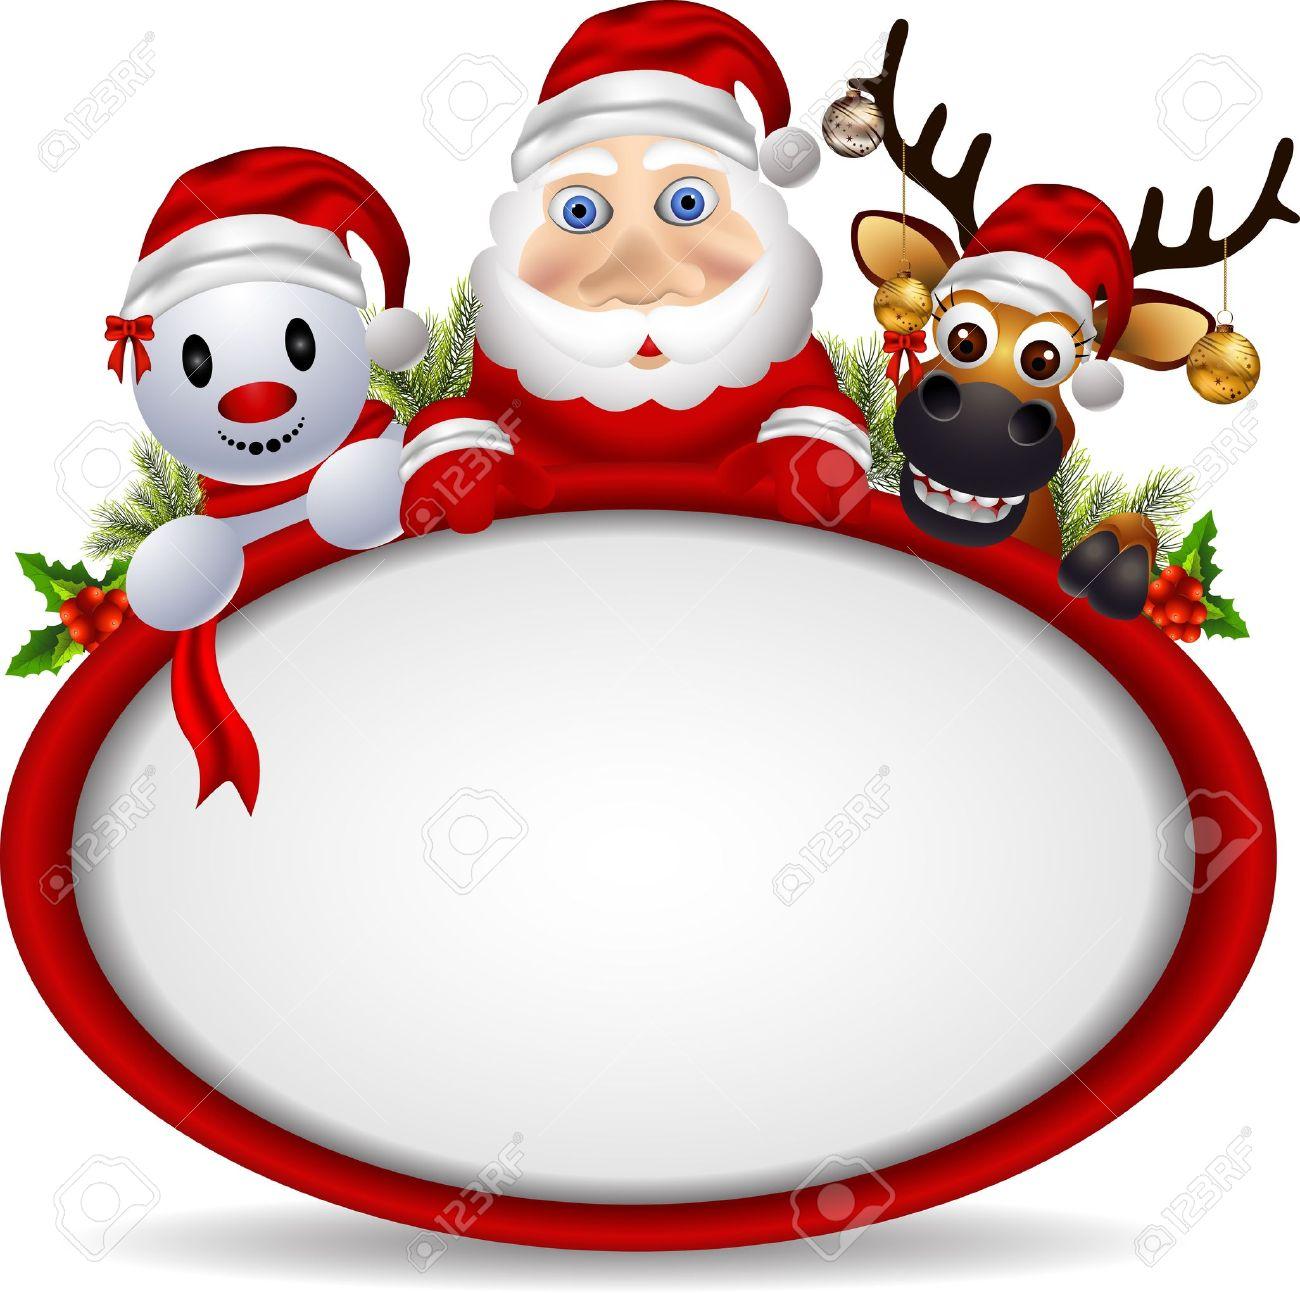 Imagenes De Papa Noel Animado.Dibujos Animados Papa Noel Ciervos Y Muneco De Nieve Con La Muestra En Blanco